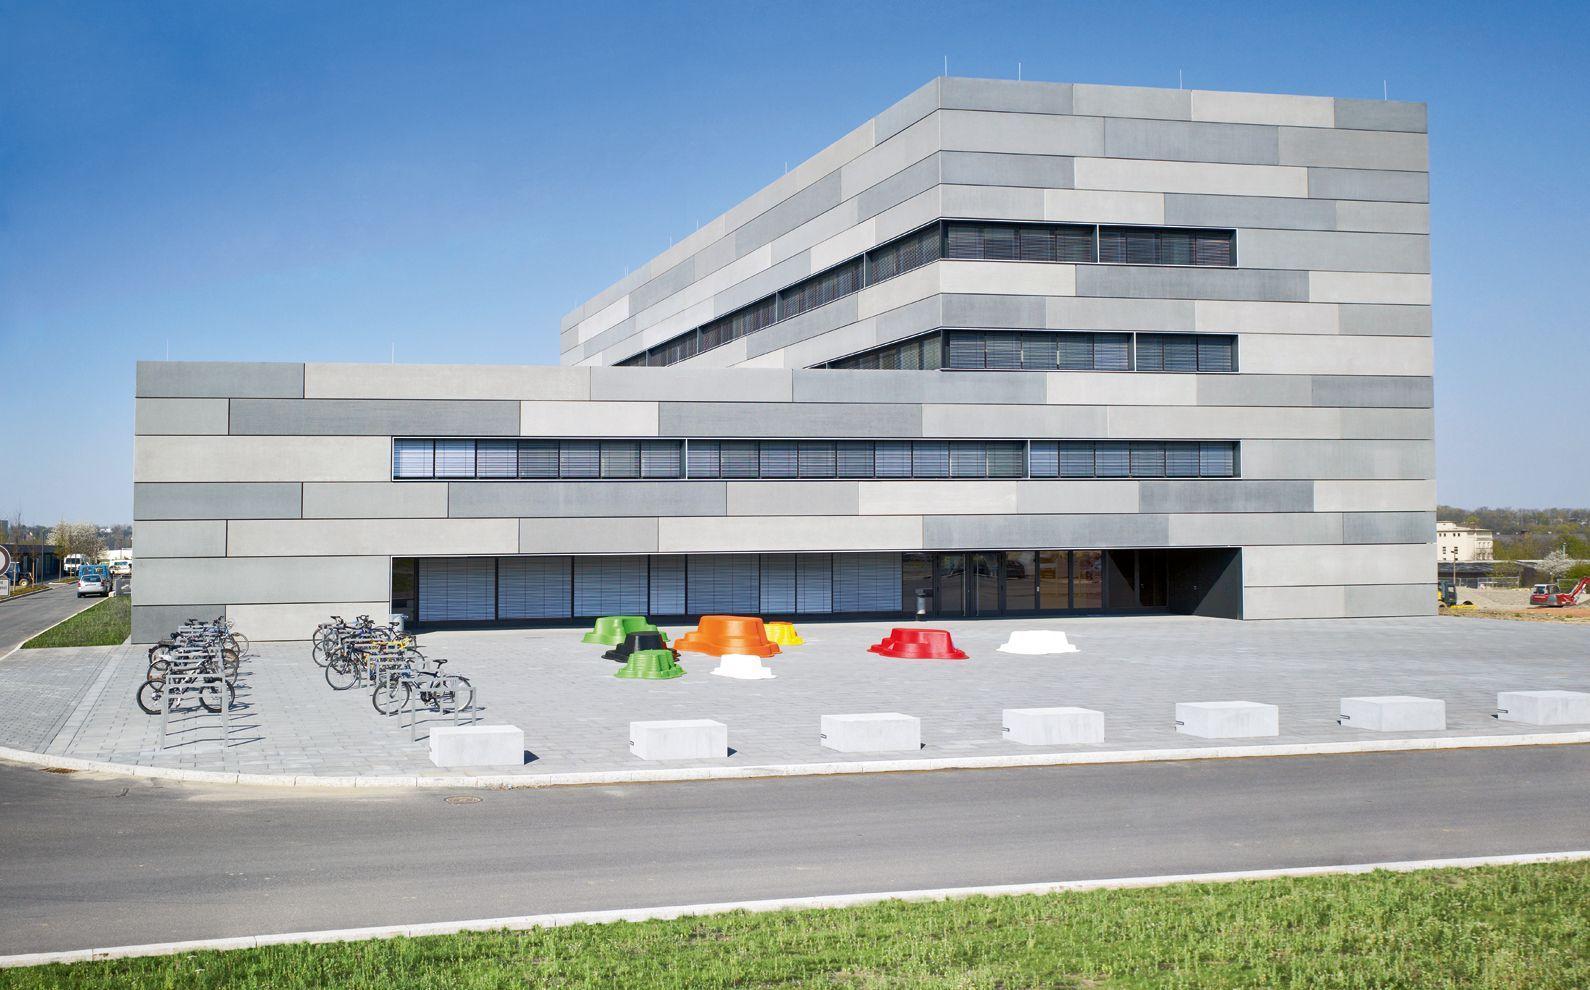 Architekten Chemnitz physikinstitut tu chemnitz rohdecan dresden architekten